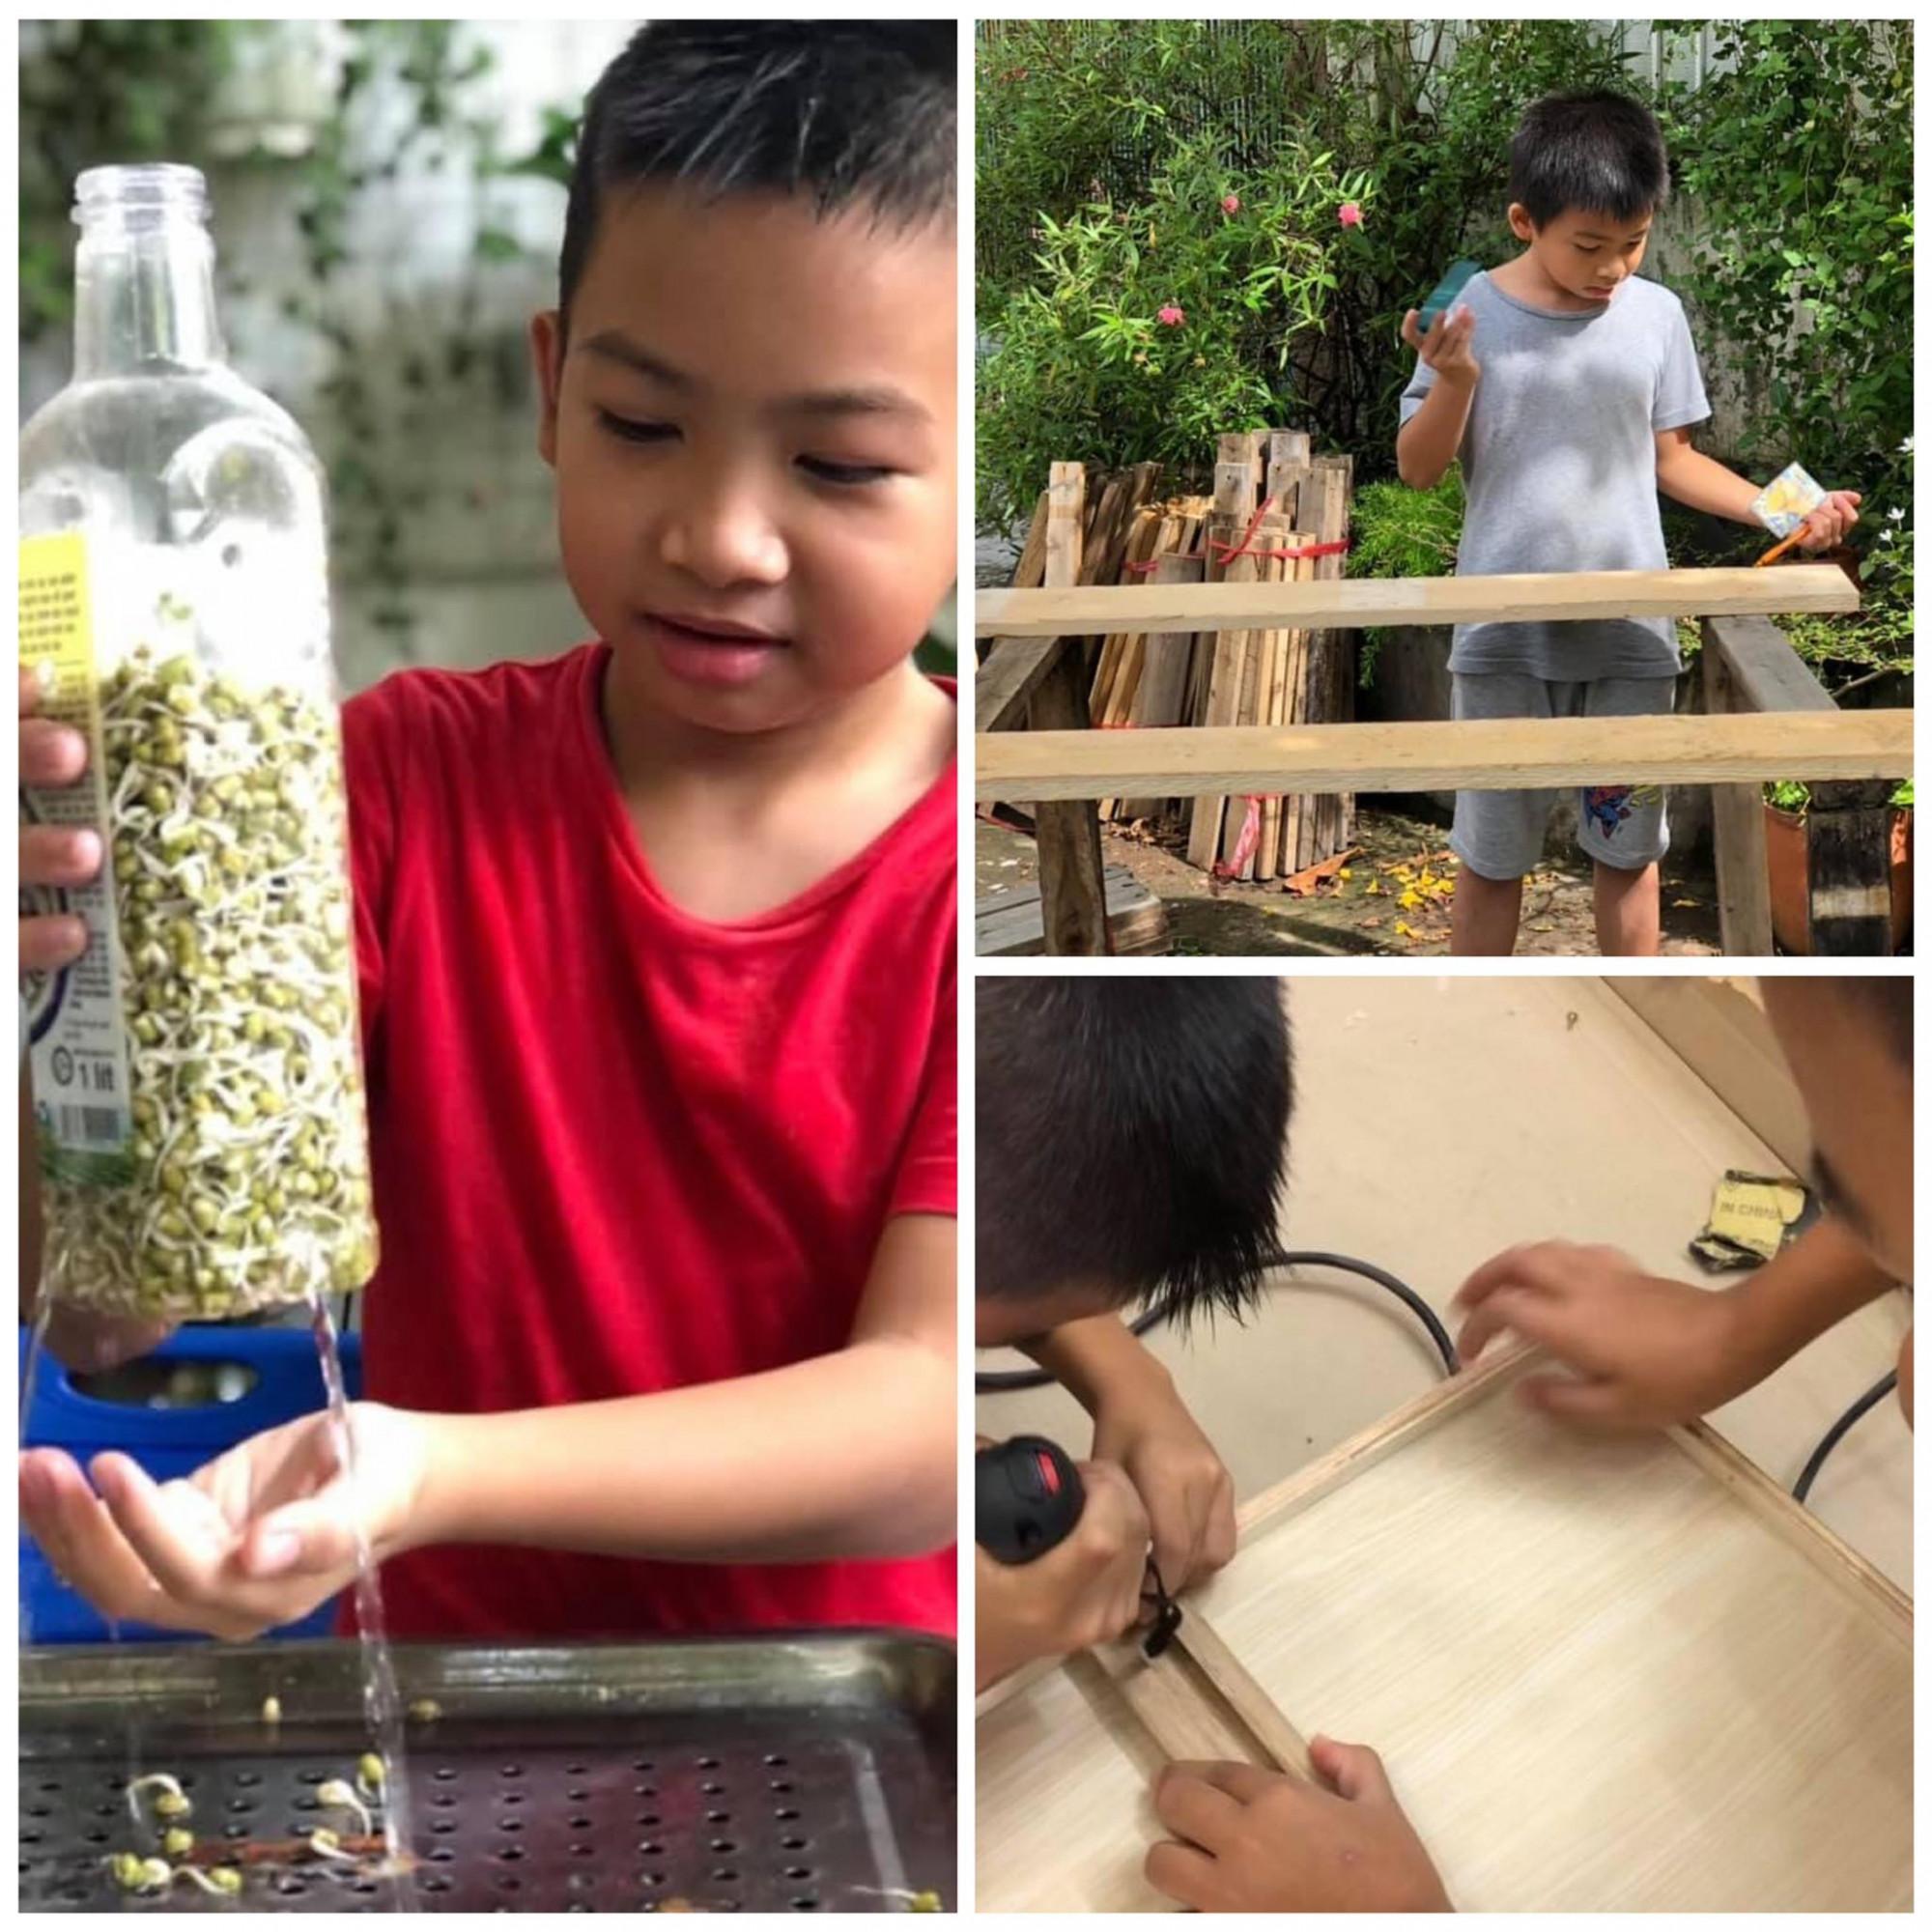 Mùa dịch, các con chị Hoa tìm thú vui trong lao động và sáng tạo (Ảnh nhân vật cung cấp)